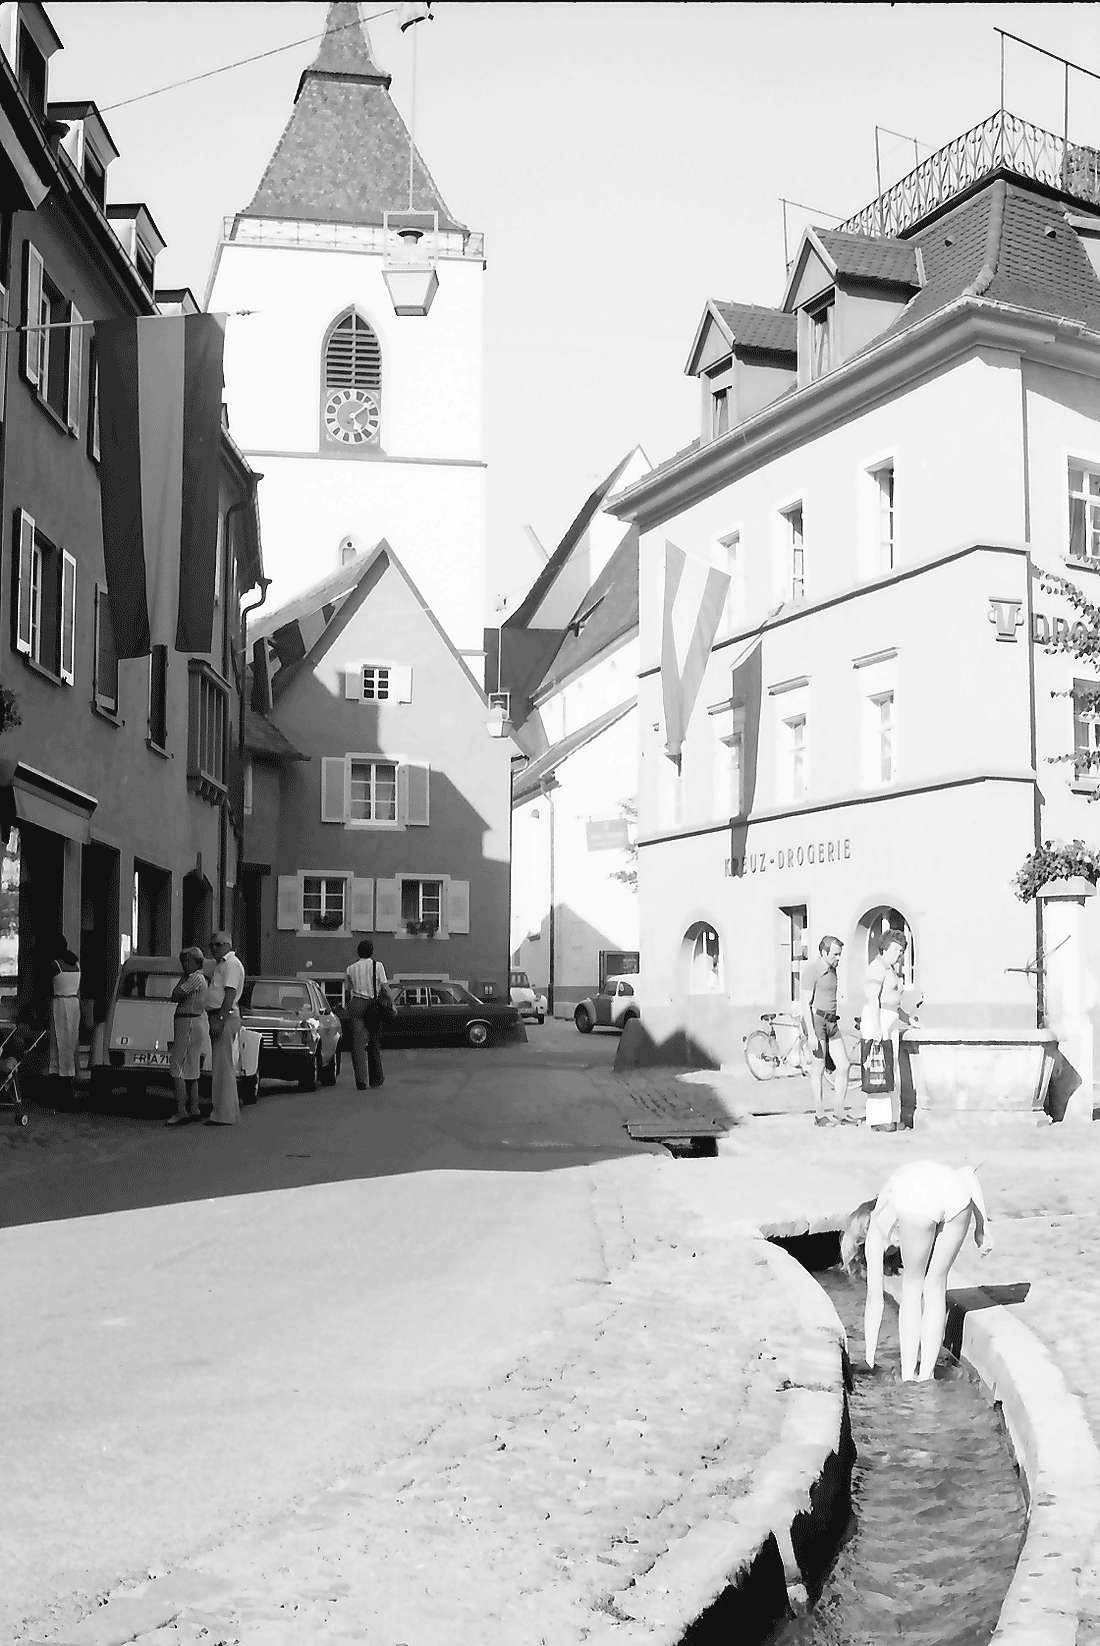 Staufen: Gasse mit Kirche und Bächle, Bild 1